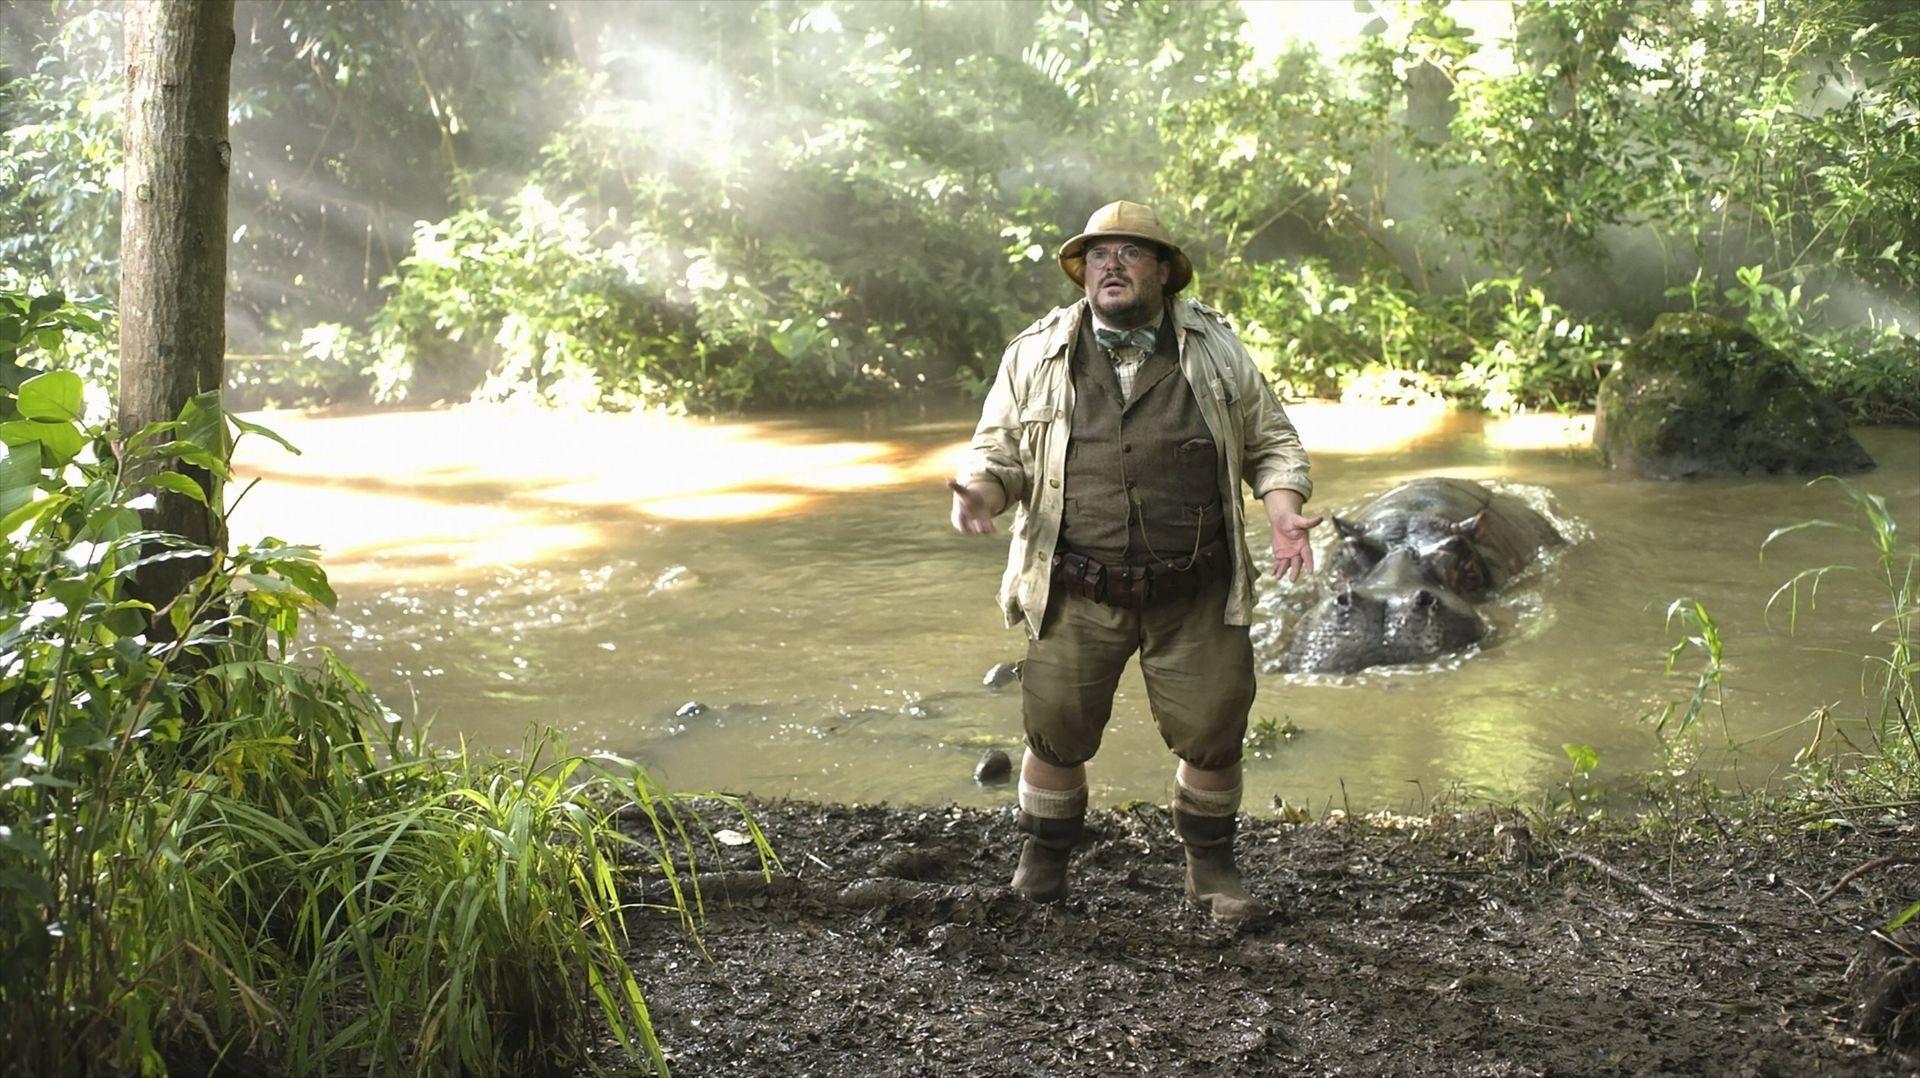 オベロン教授を演じるジャック・ブラックの好演が印象的。常に外さない